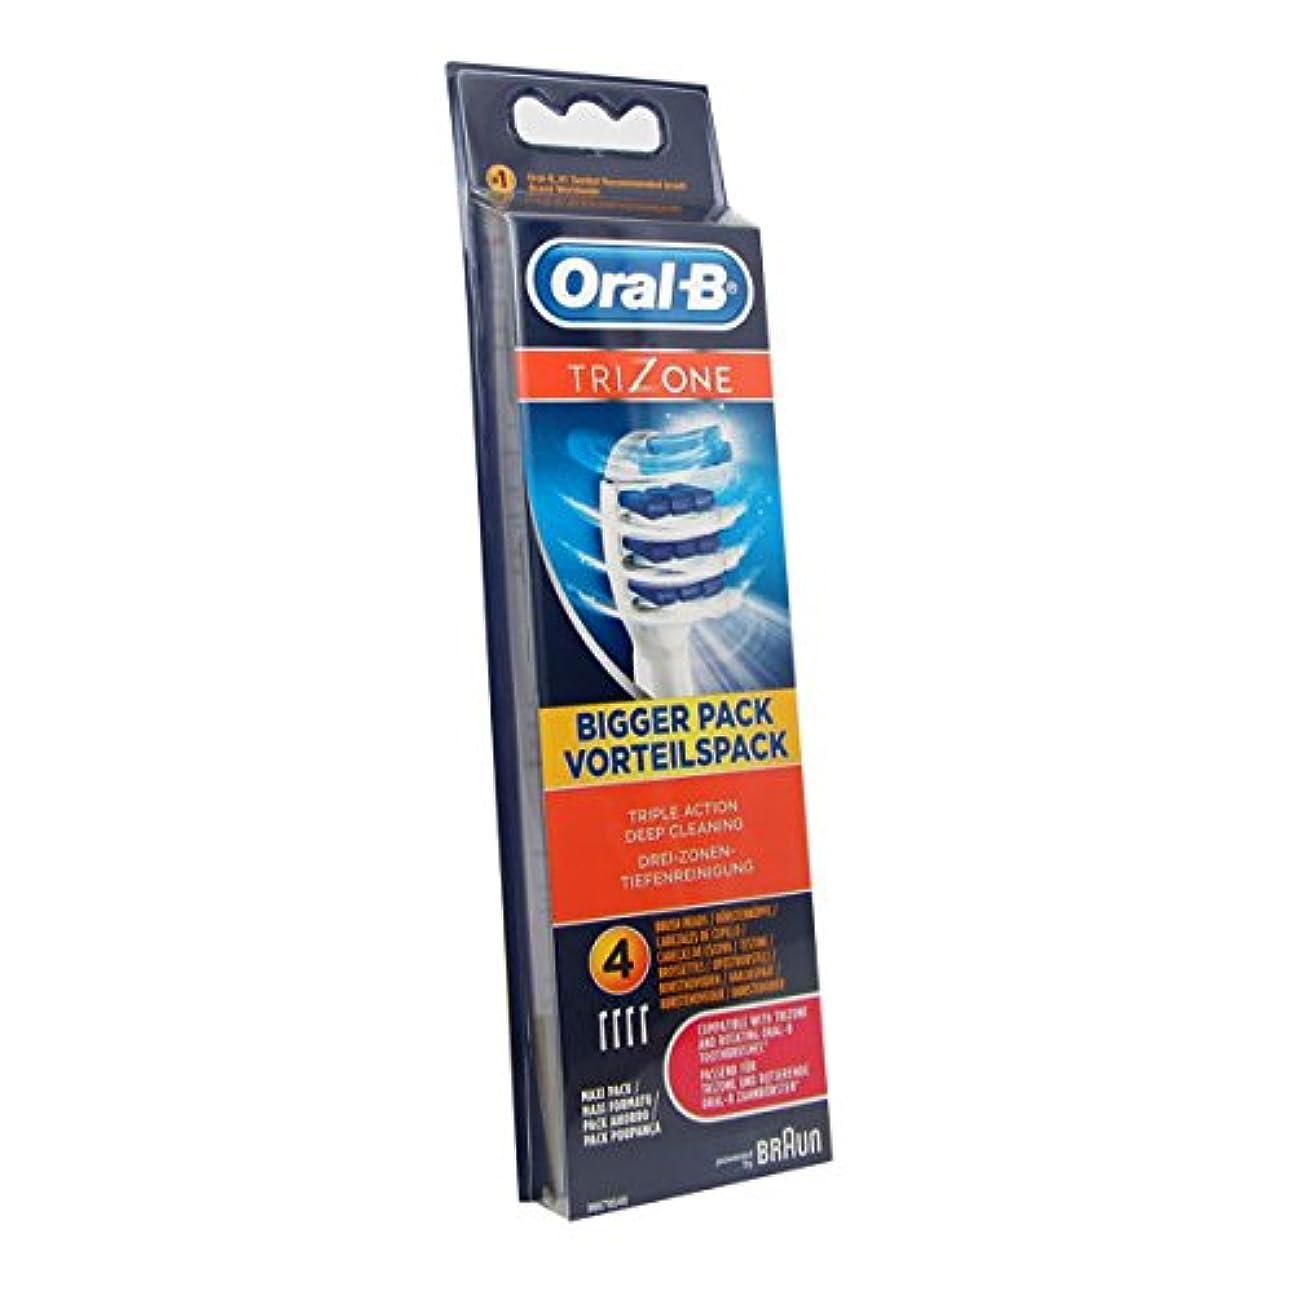 修道院付属品ご予約Oral B Trizone Replacement Brush X4 [並行輸入品]